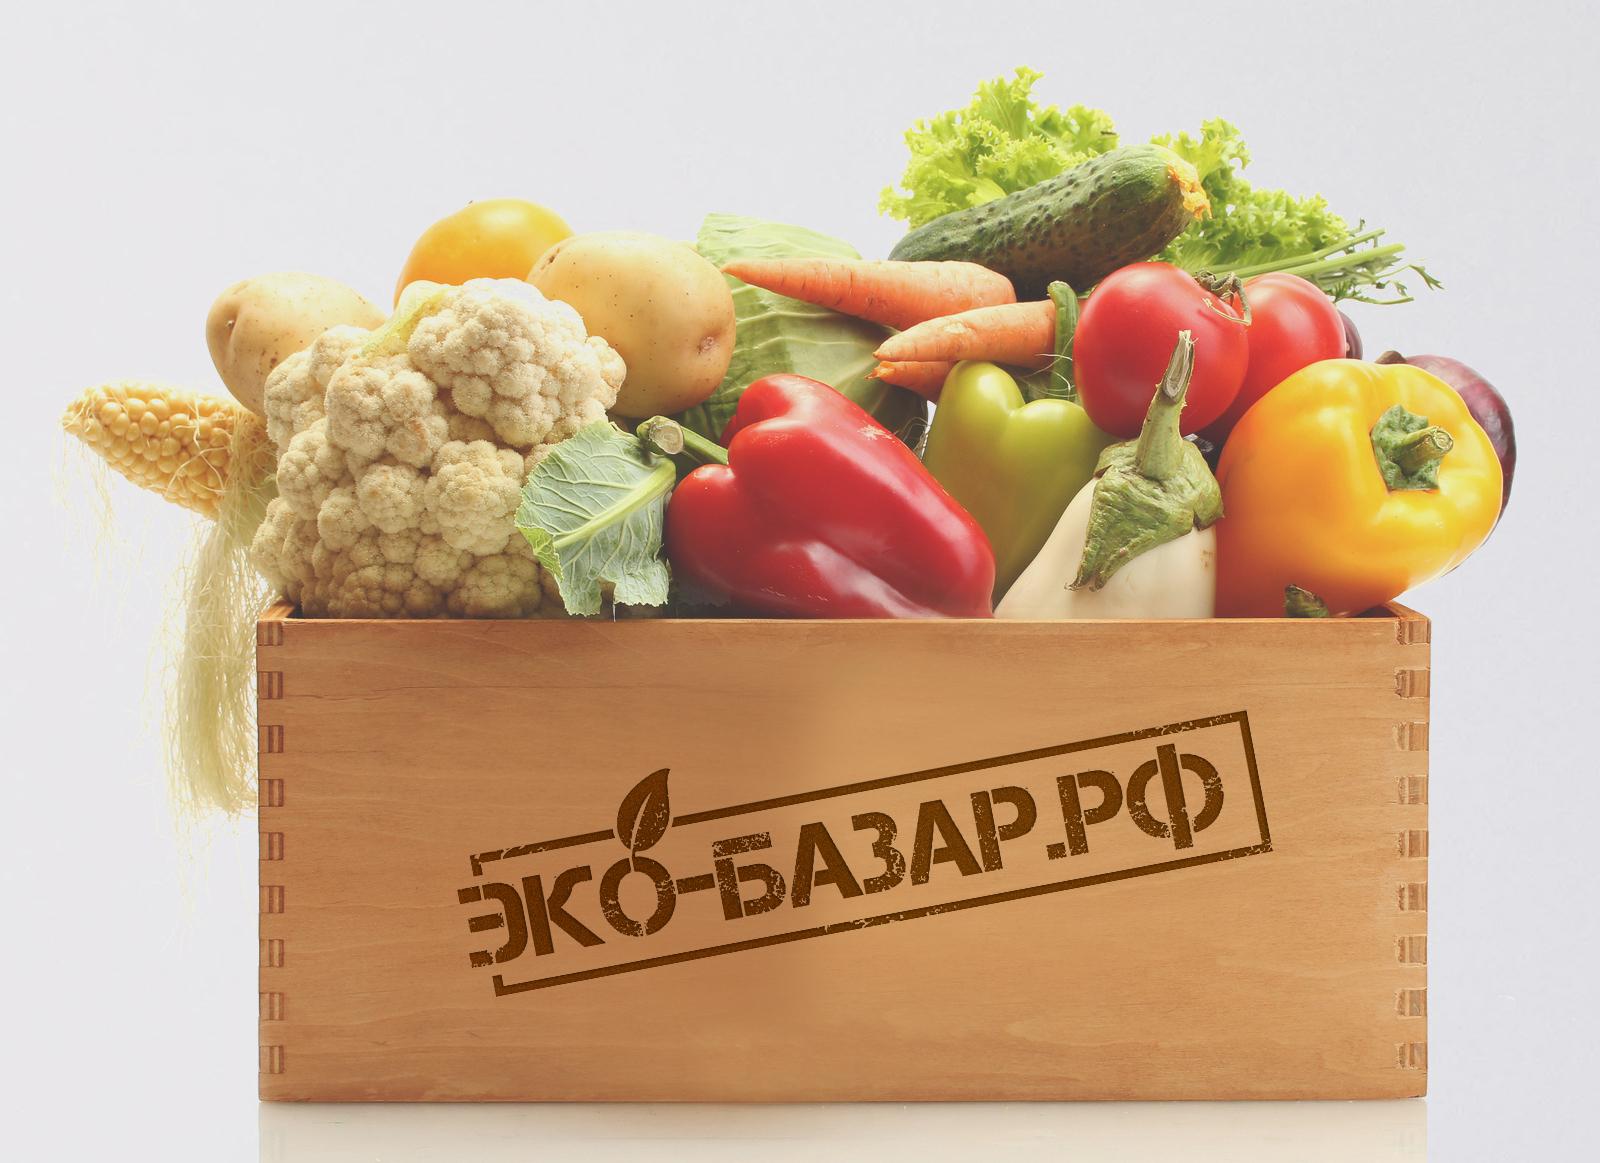 Логотип компании натуральных (фермерских) продуктов фото f_461594126a7c04b7.jpg